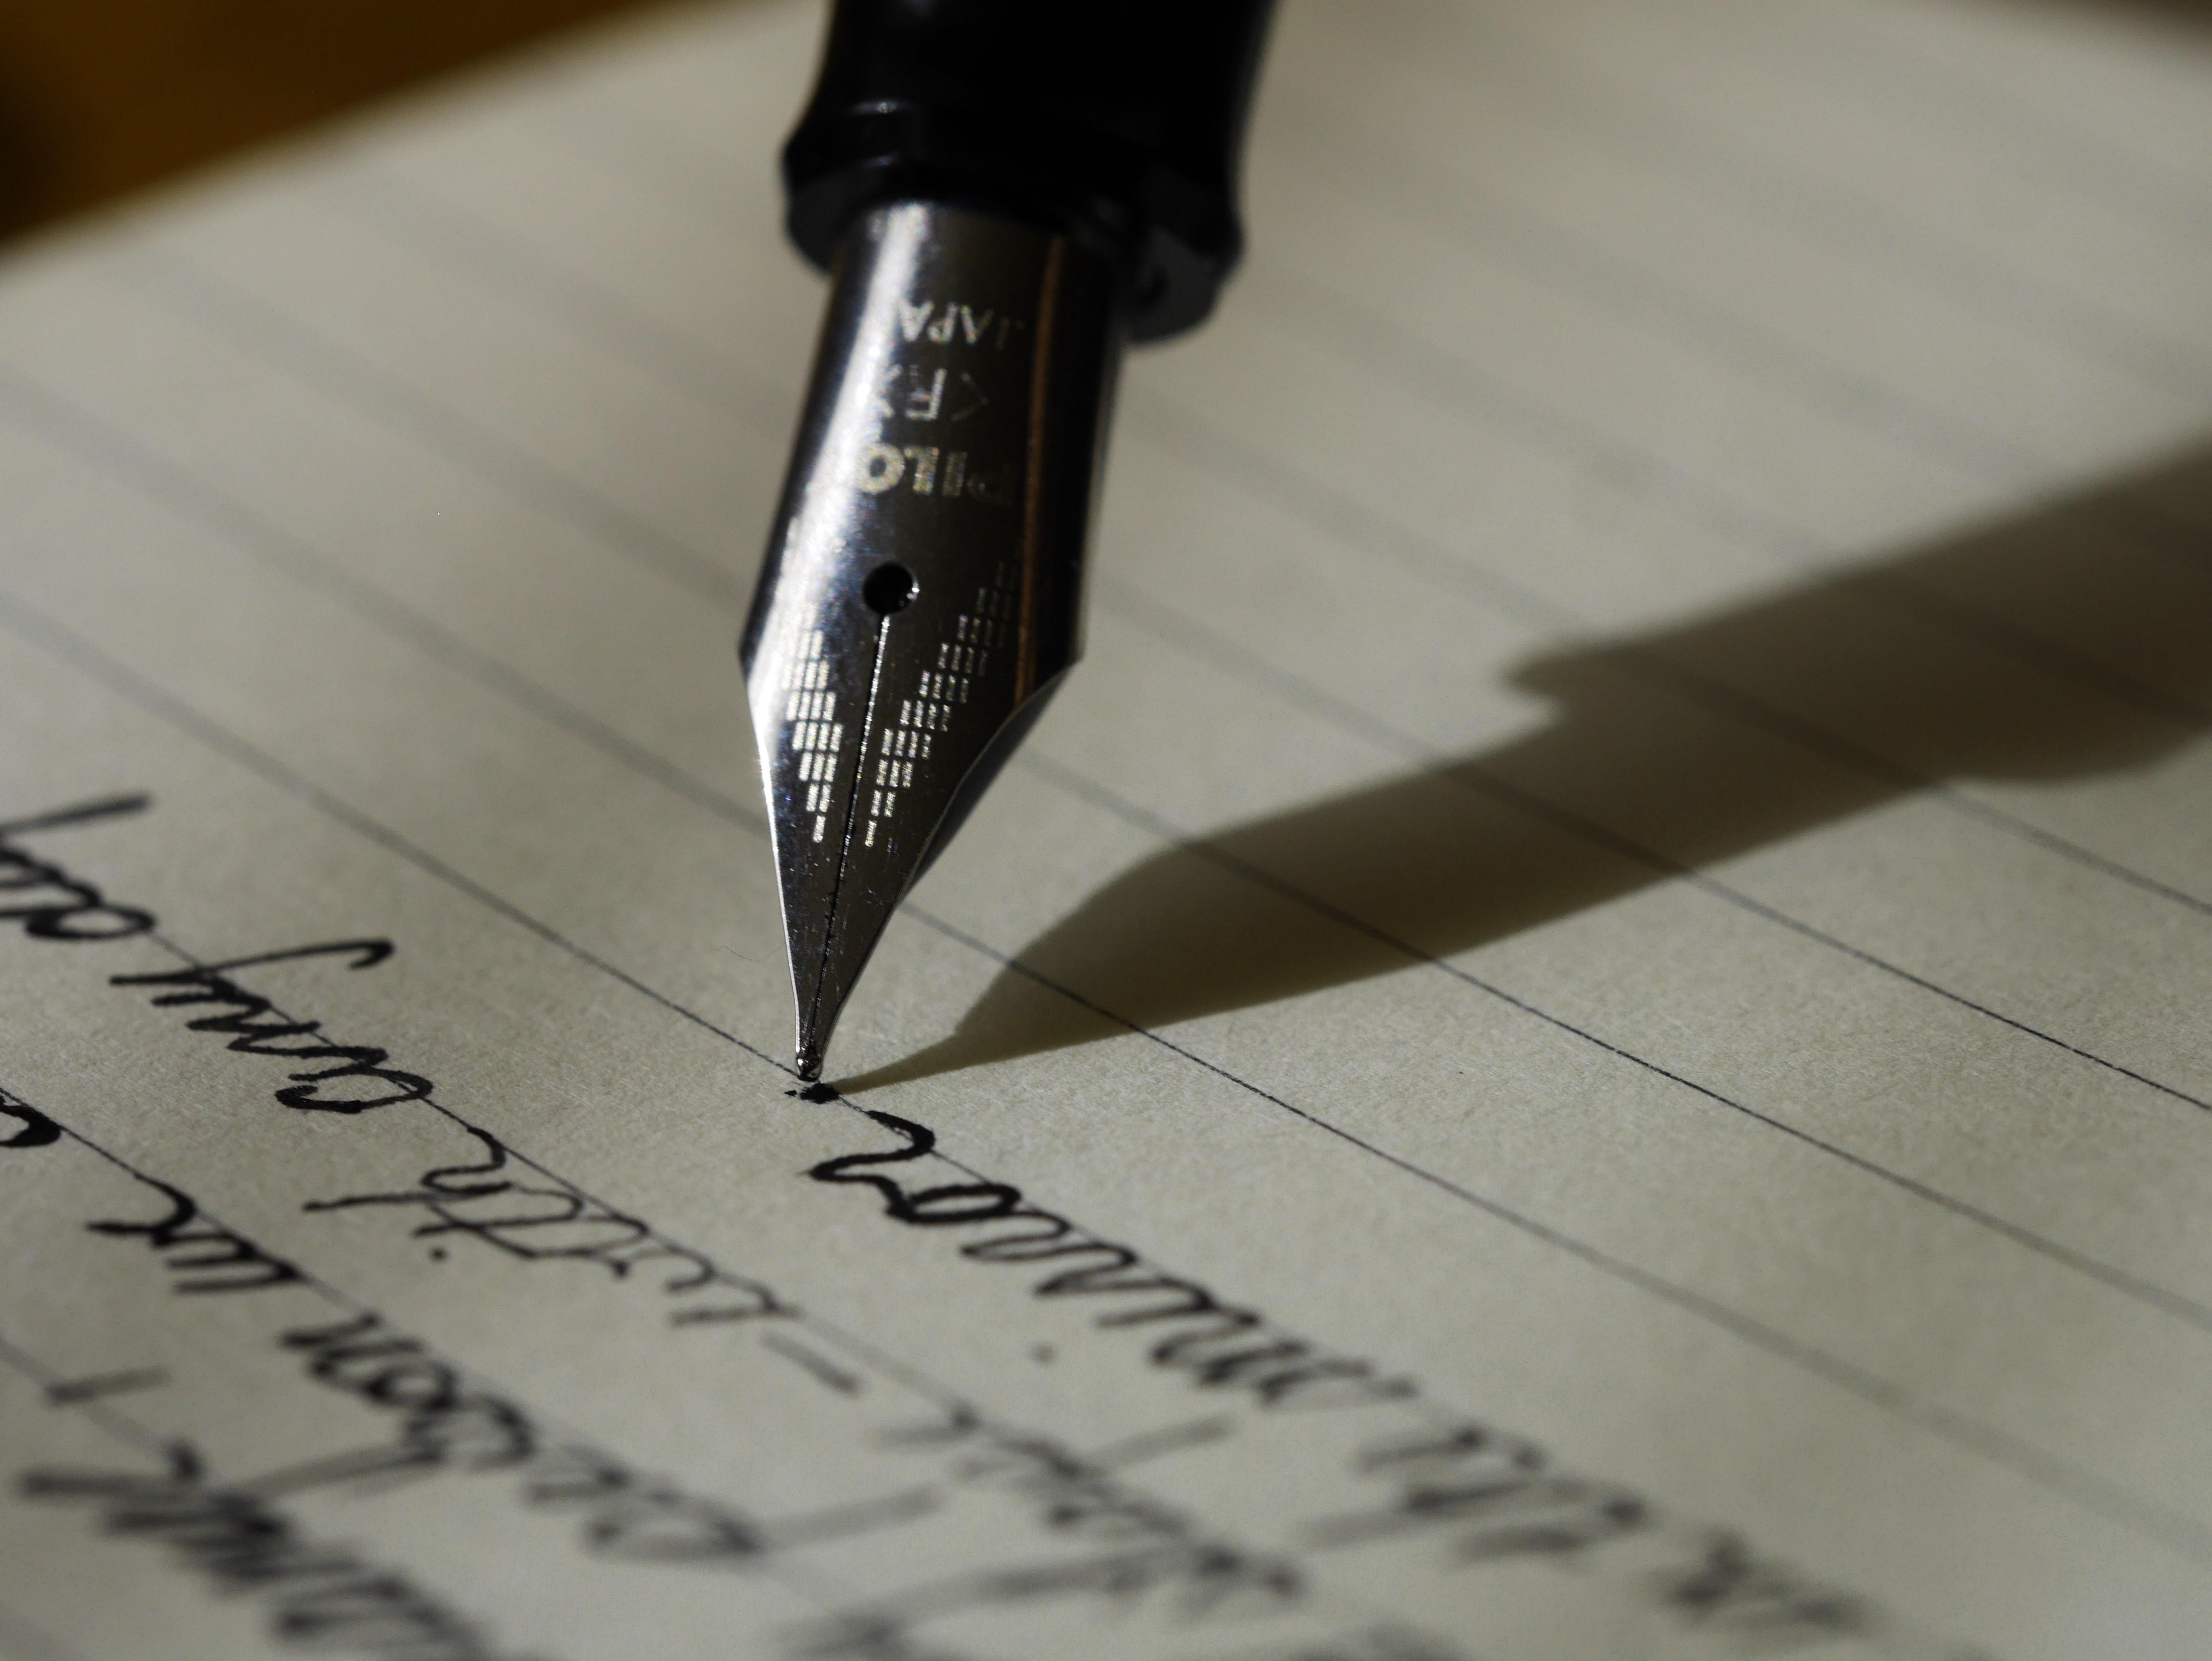 Menulis adalah sarana pelampiasan yang sehat